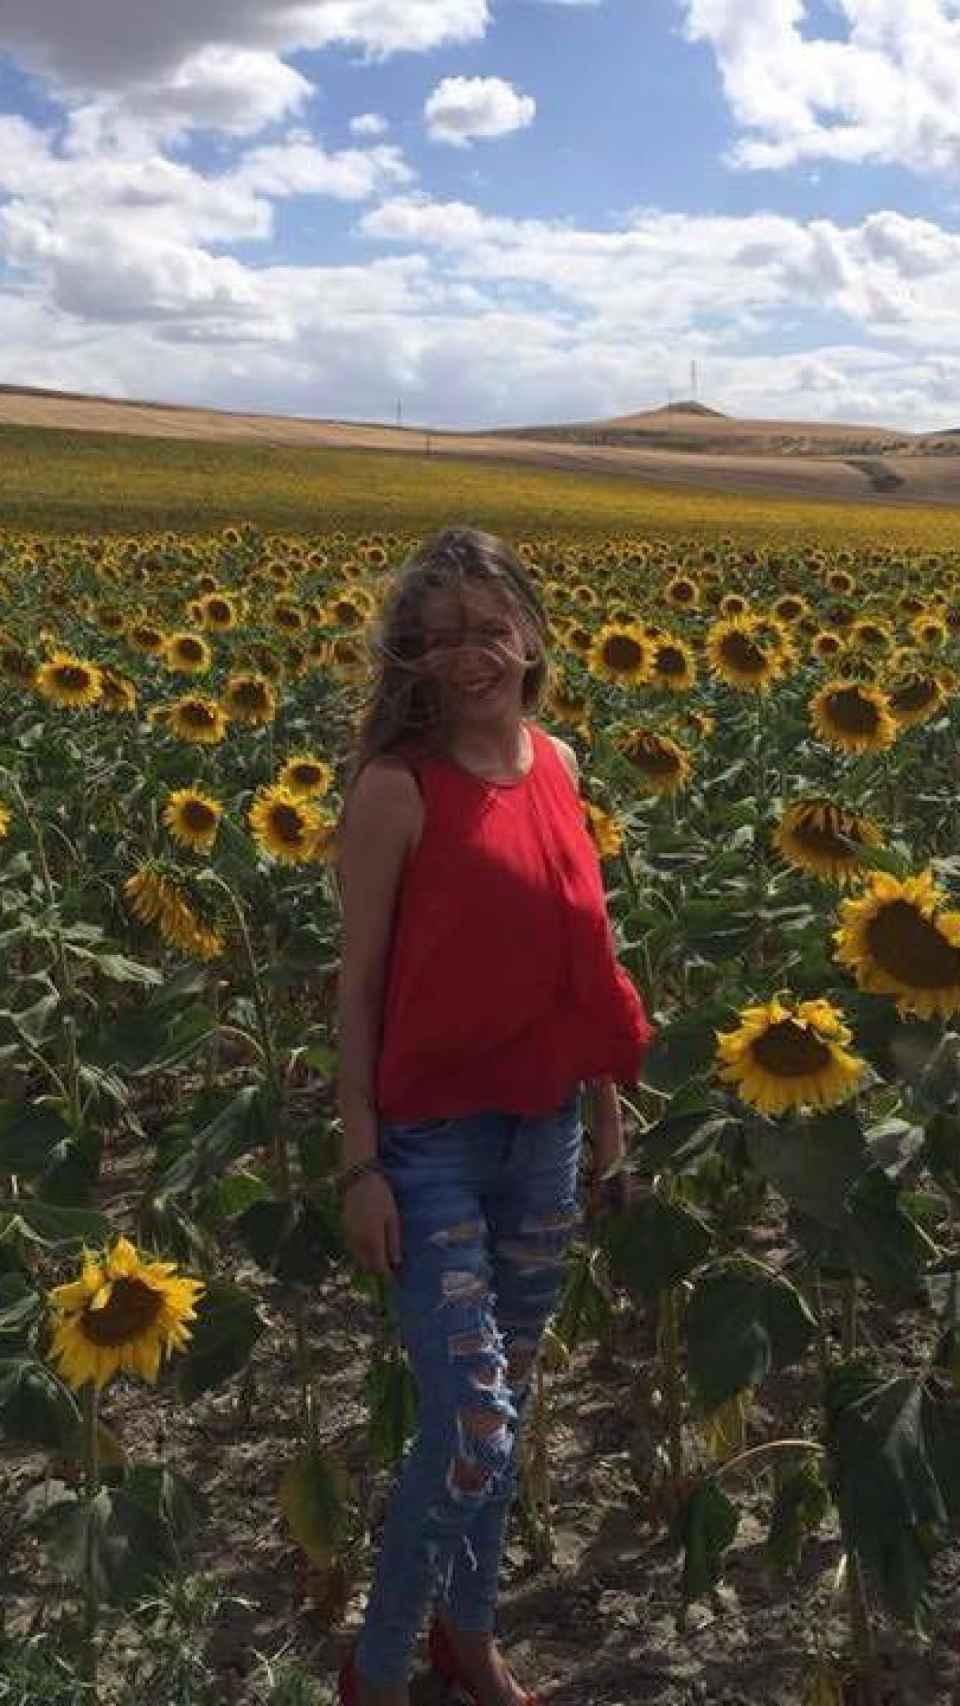 Andrea Carballo Claramonte acababa de cumplir 20 años.